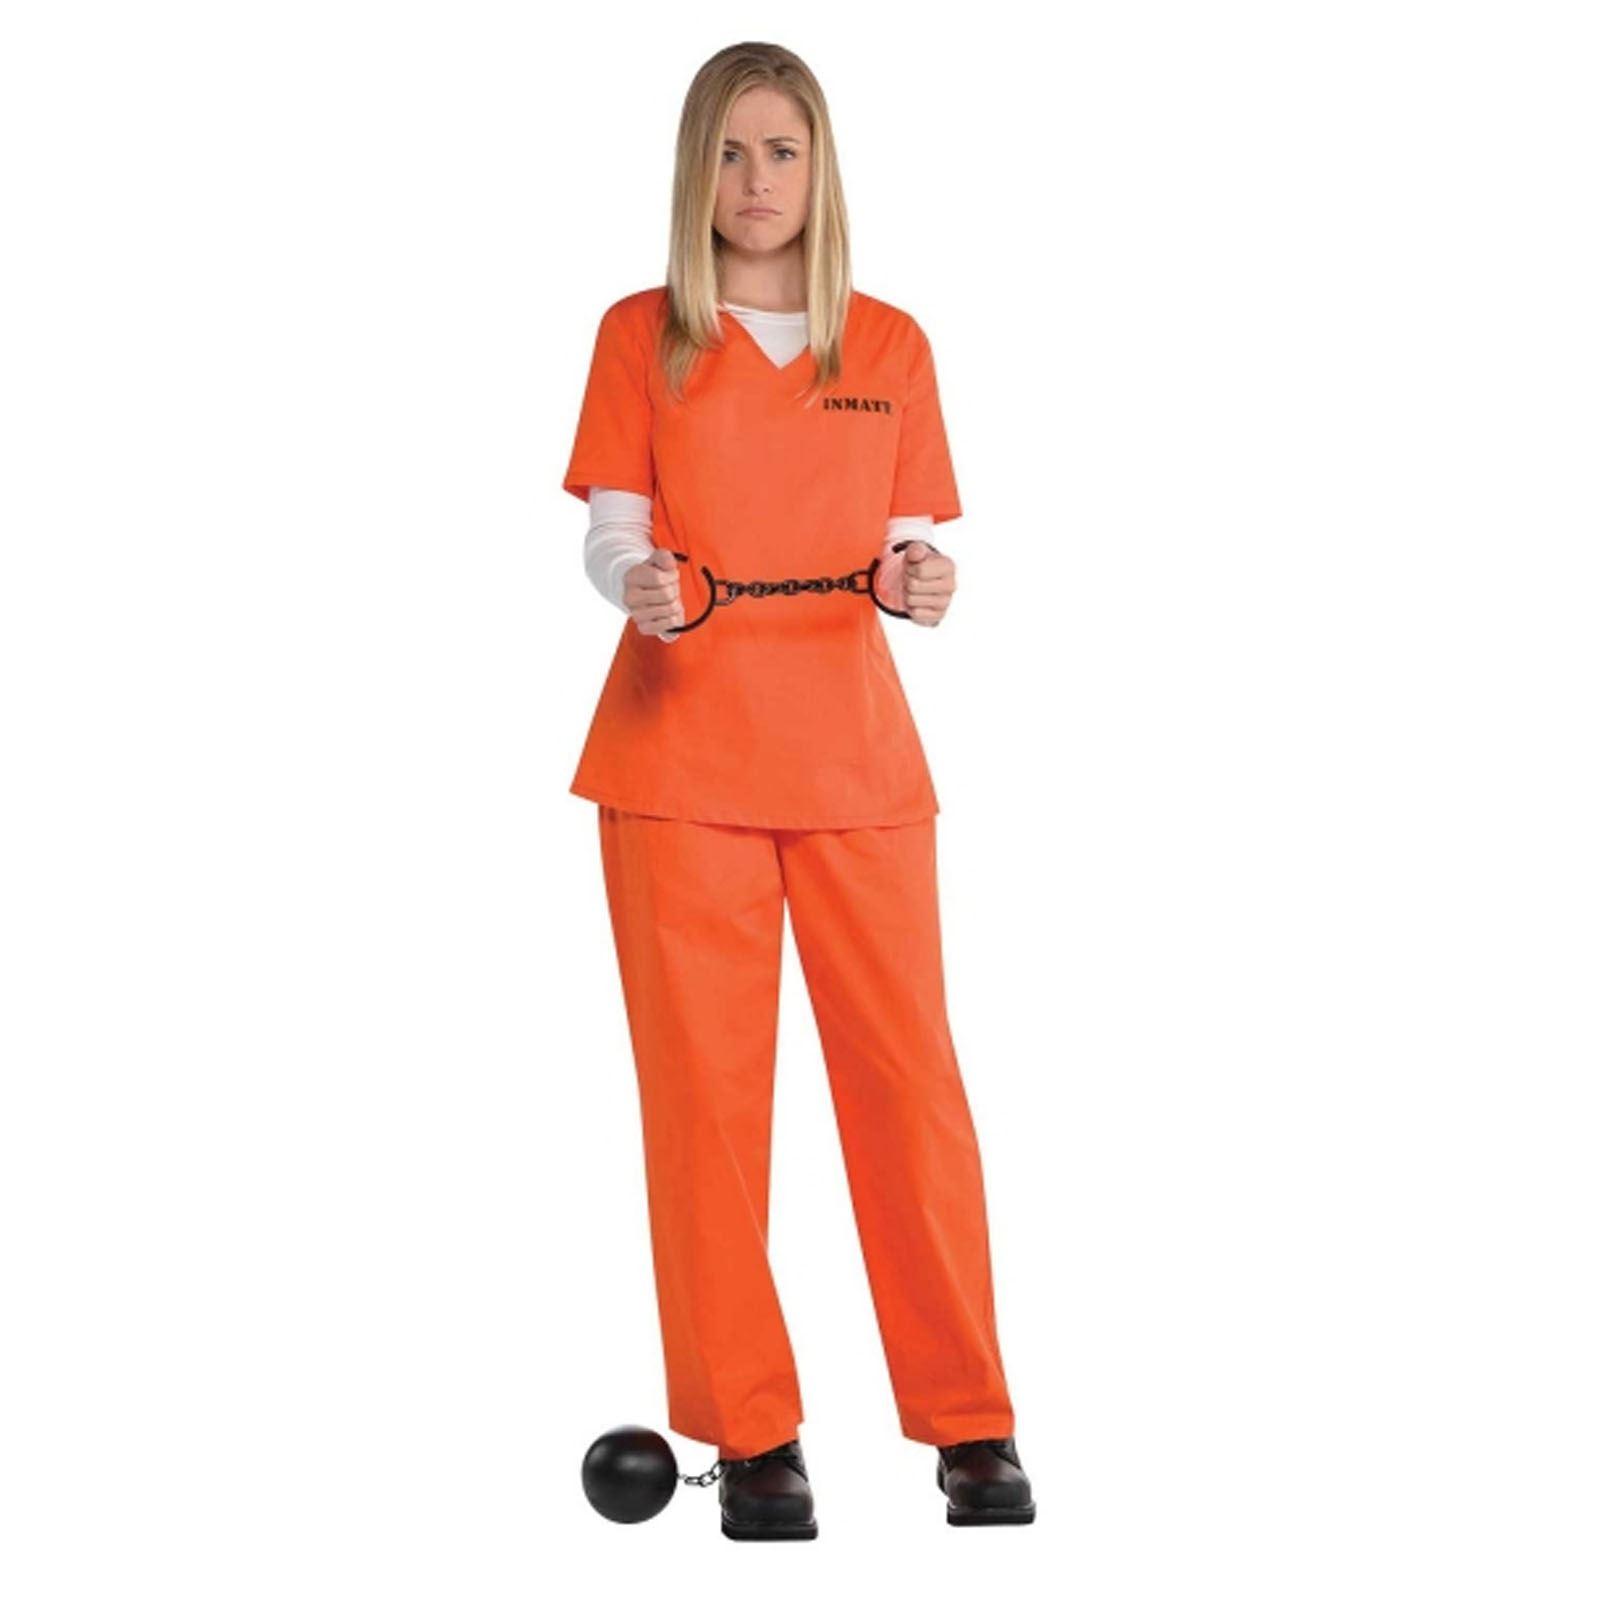 Ladies Orange Inmate Uniform Convict Prisoner New Black Fancy ...